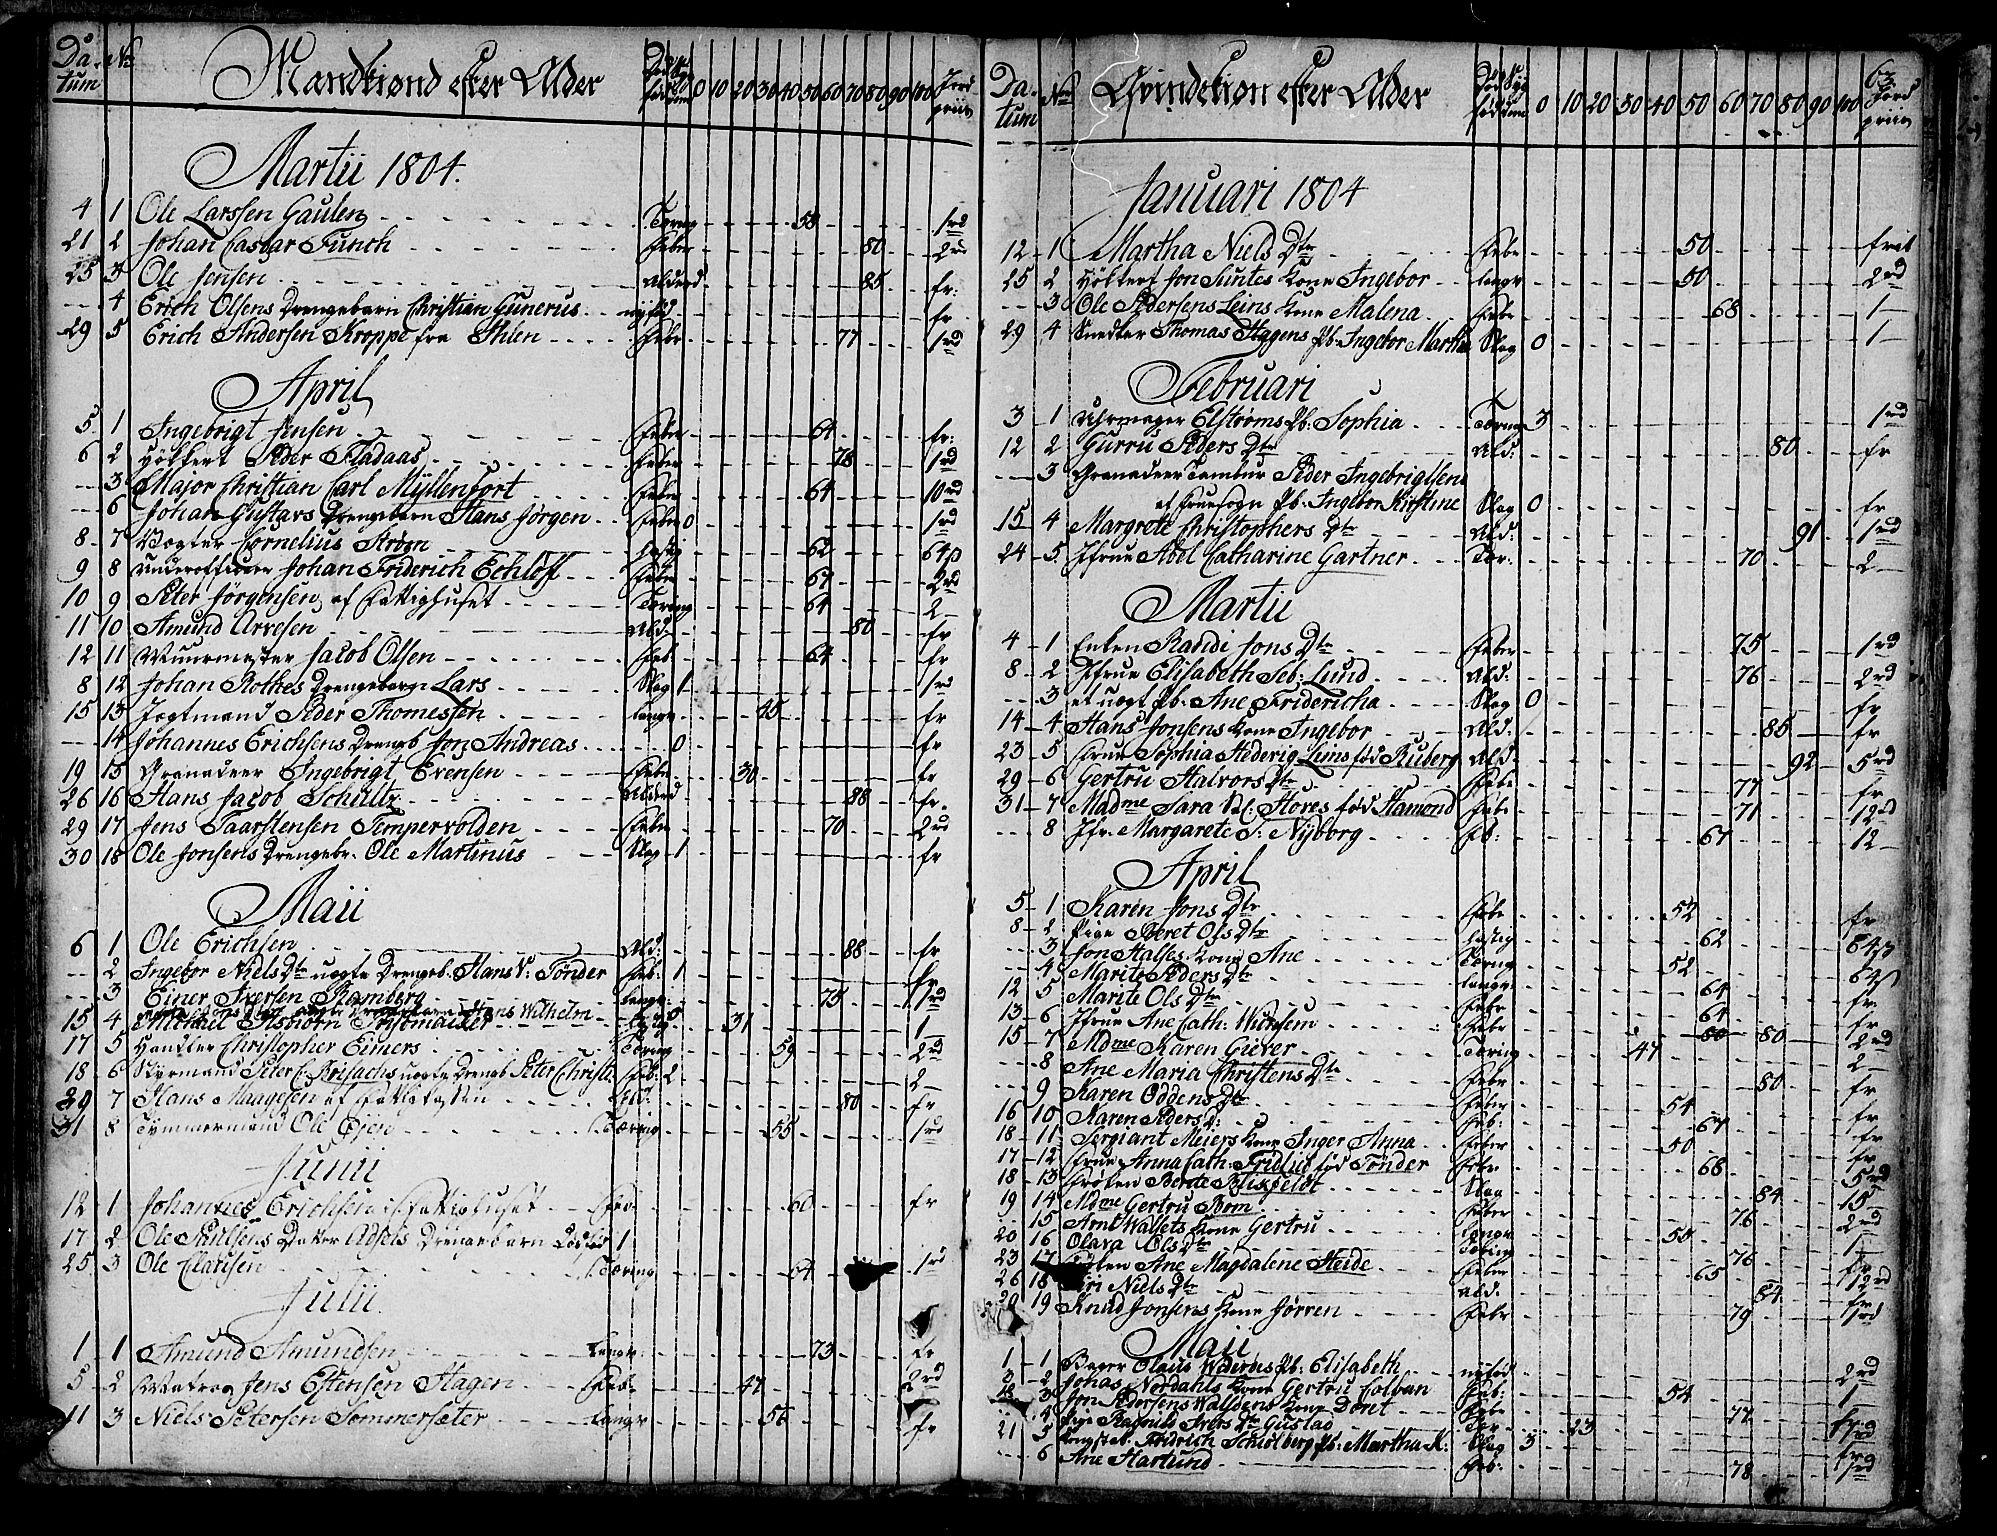 SAT, Ministerialprotokoller, klokkerbøker og fødselsregistre - Sør-Trøndelag, 601/L0040: Ministerialbok nr. 601A08, 1783-1818, s. 63